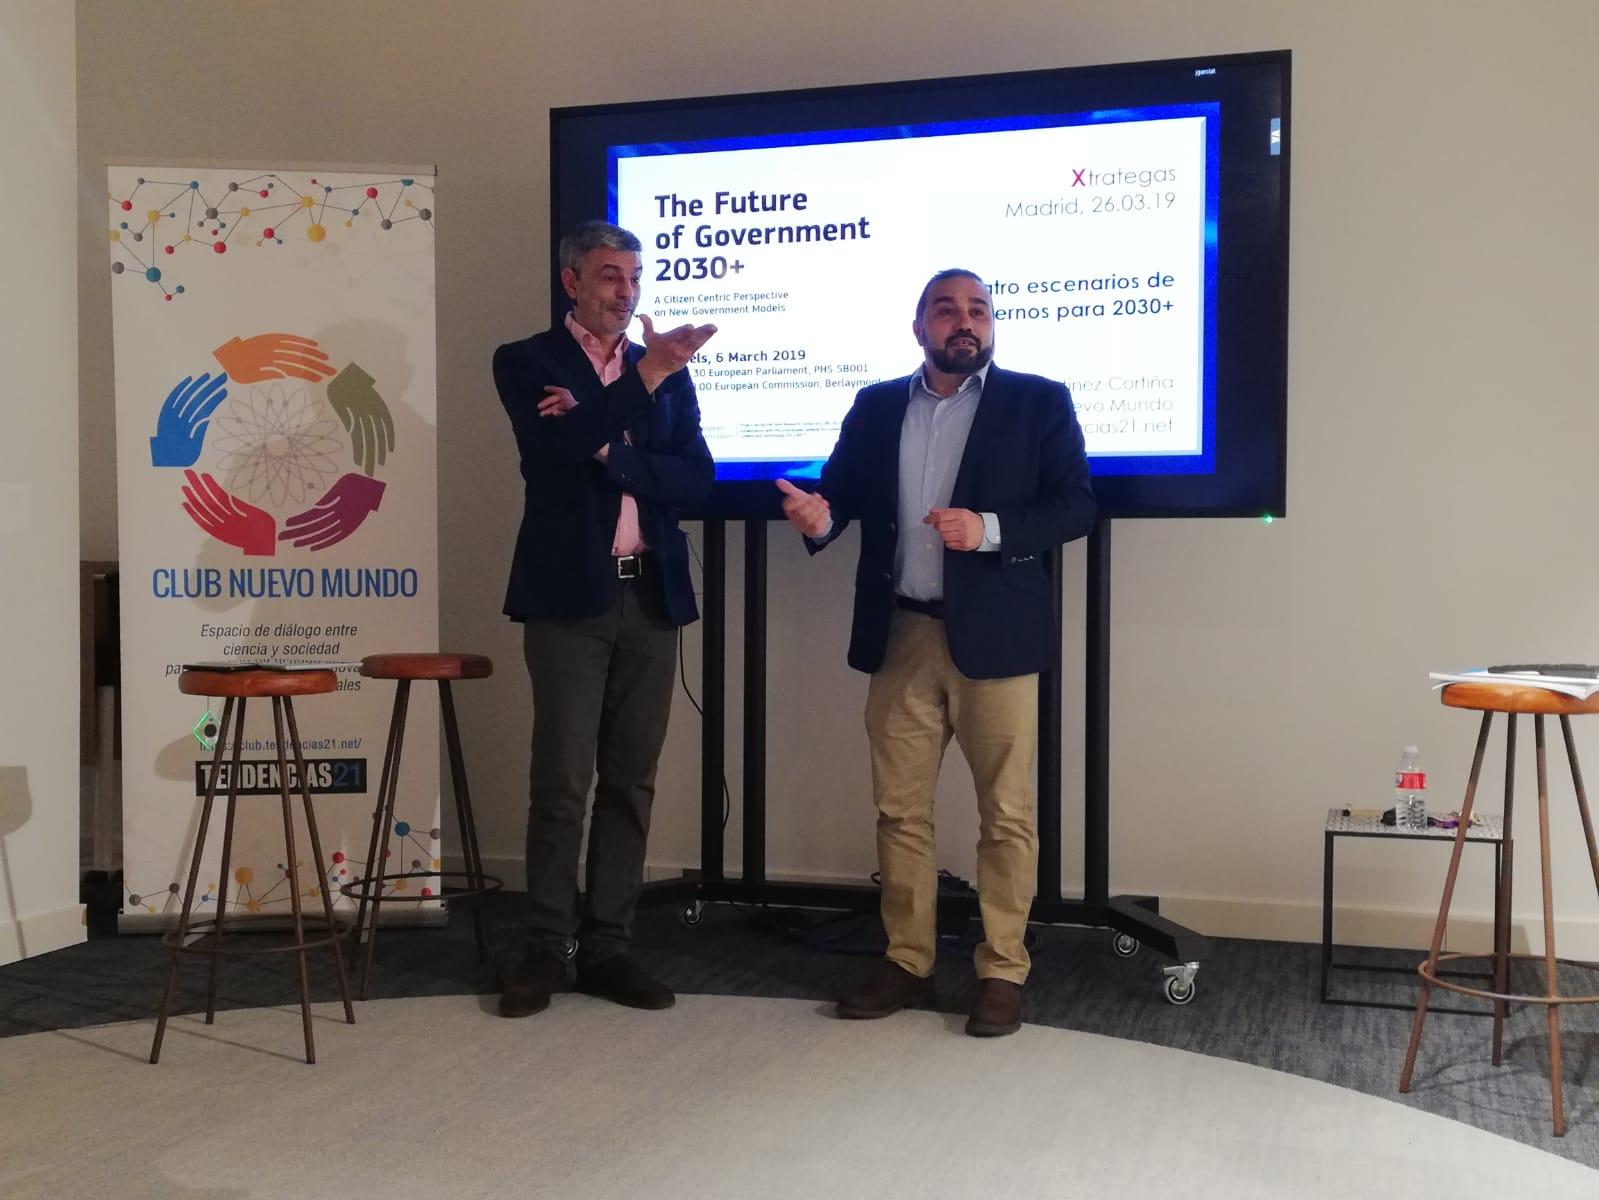 Momento de la presentación del proyecto. Rafael Martínez-Cortiña (izda.) junto a Juan Zafra. Foto: Xtrategas.